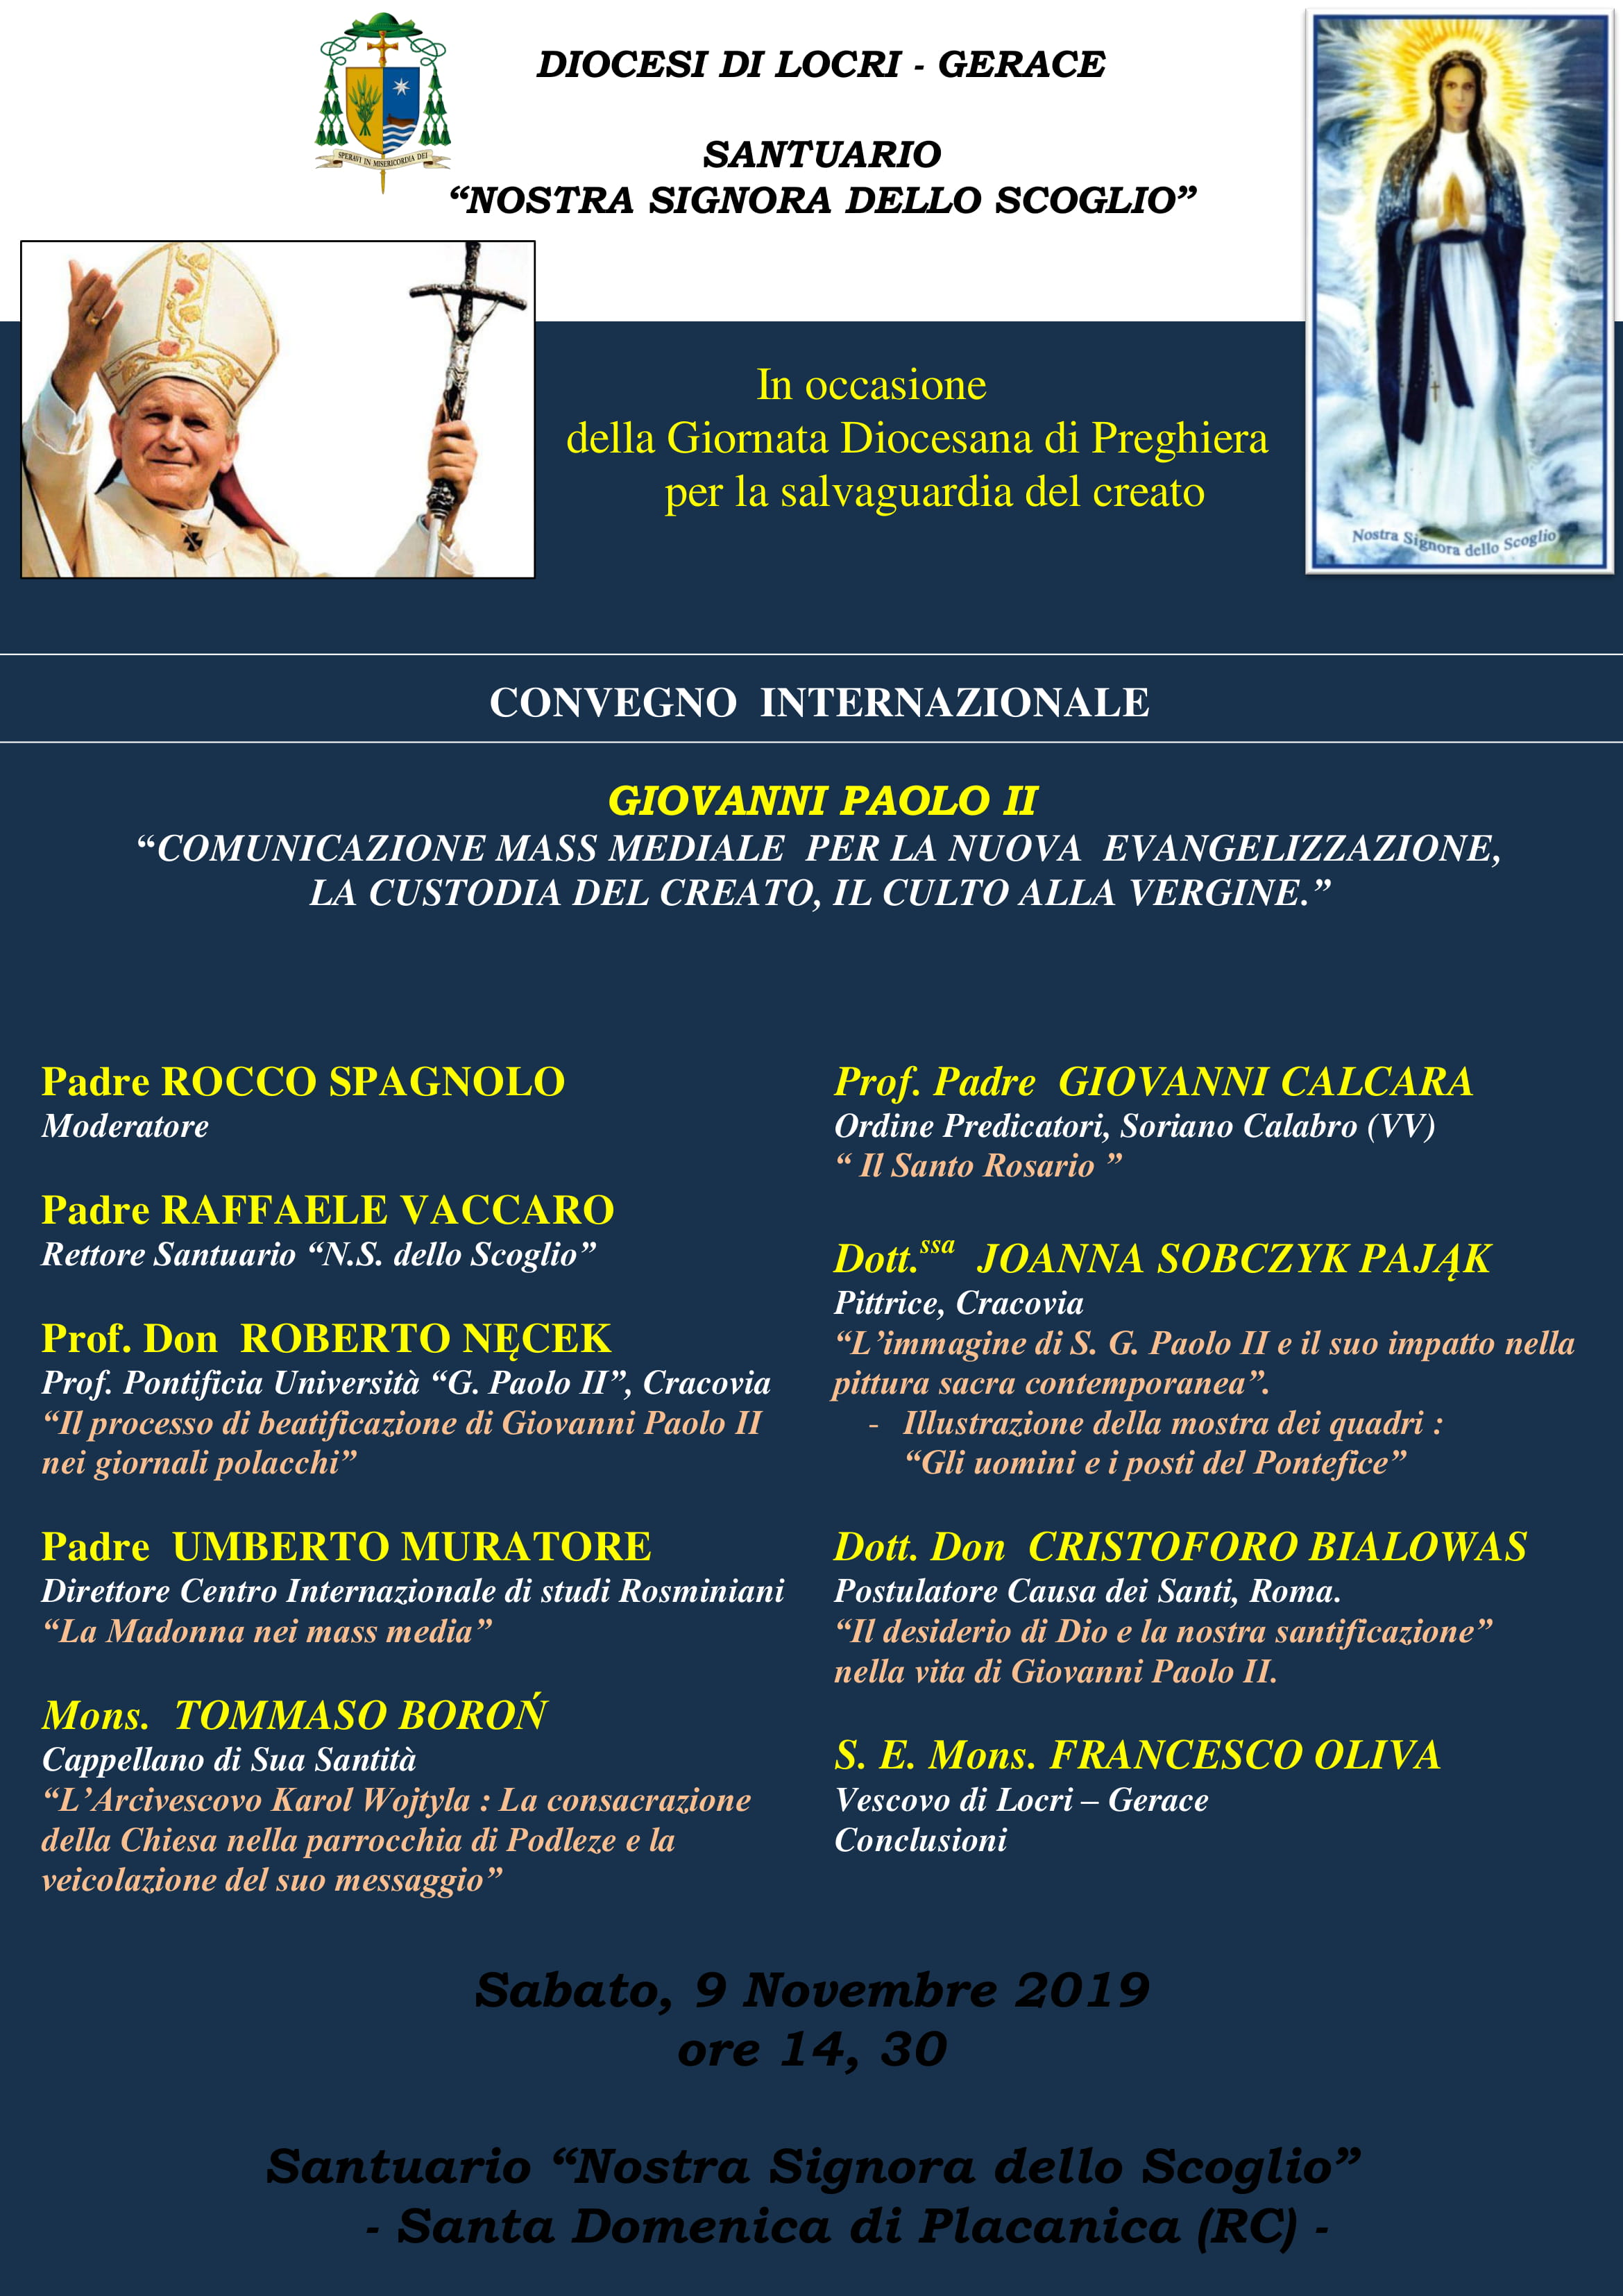 manifesto-convegno-internazionale-allo-scoglio-1